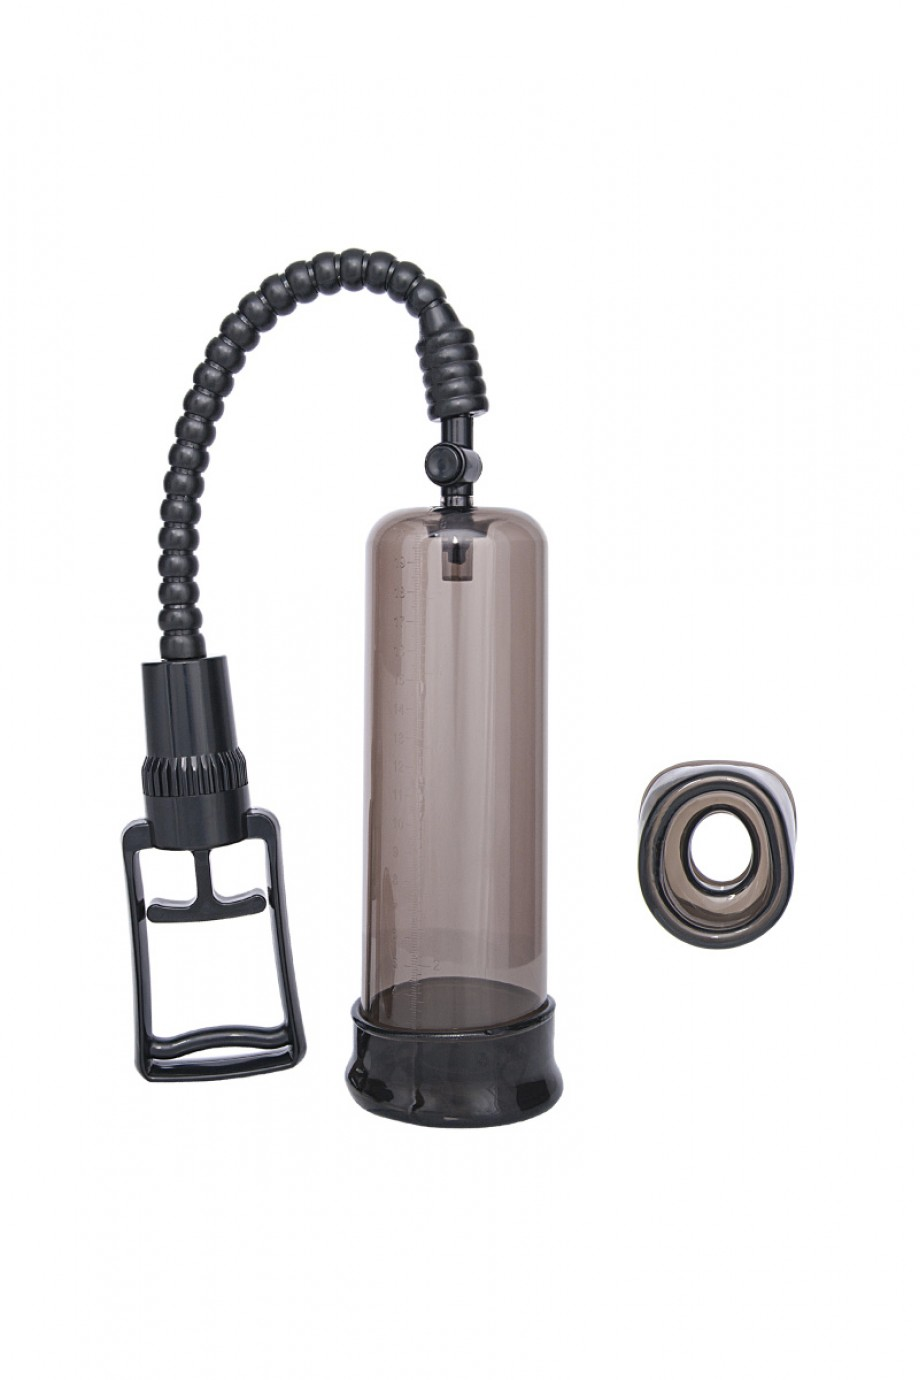 Вакуумная помпа Sexus Men Training, вакуумная, механическая, ABS пластик, чёрный, 22 см